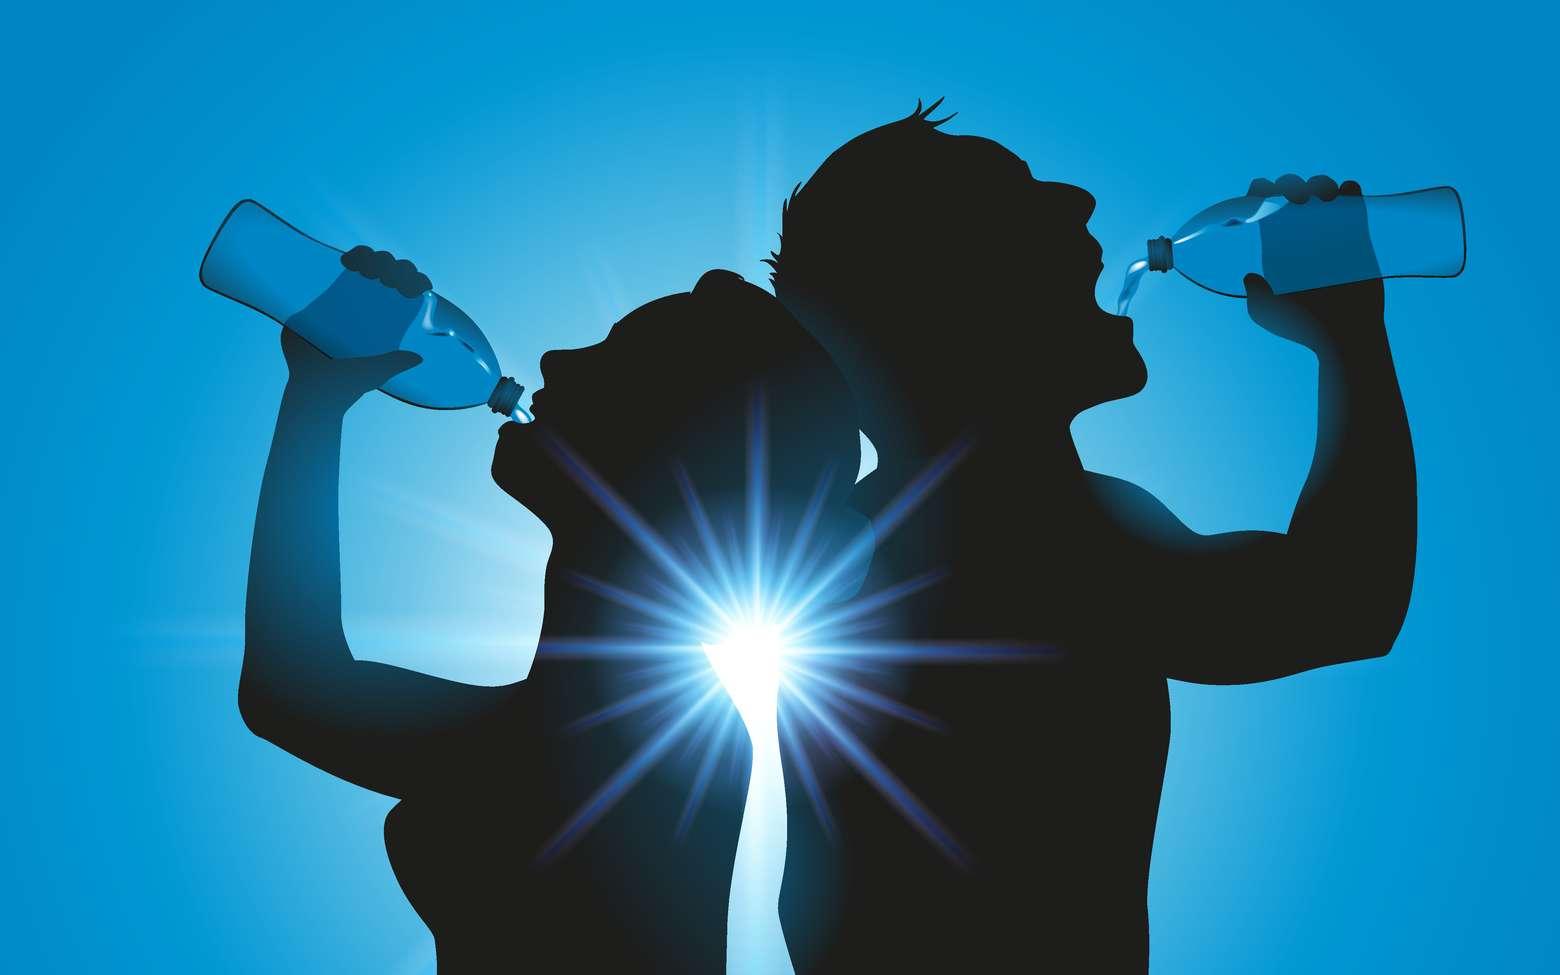 Il faut boire au minimum un litre d'eau par jour, et plus en cas de fortes chaleurs. © pict rider, Fotolia